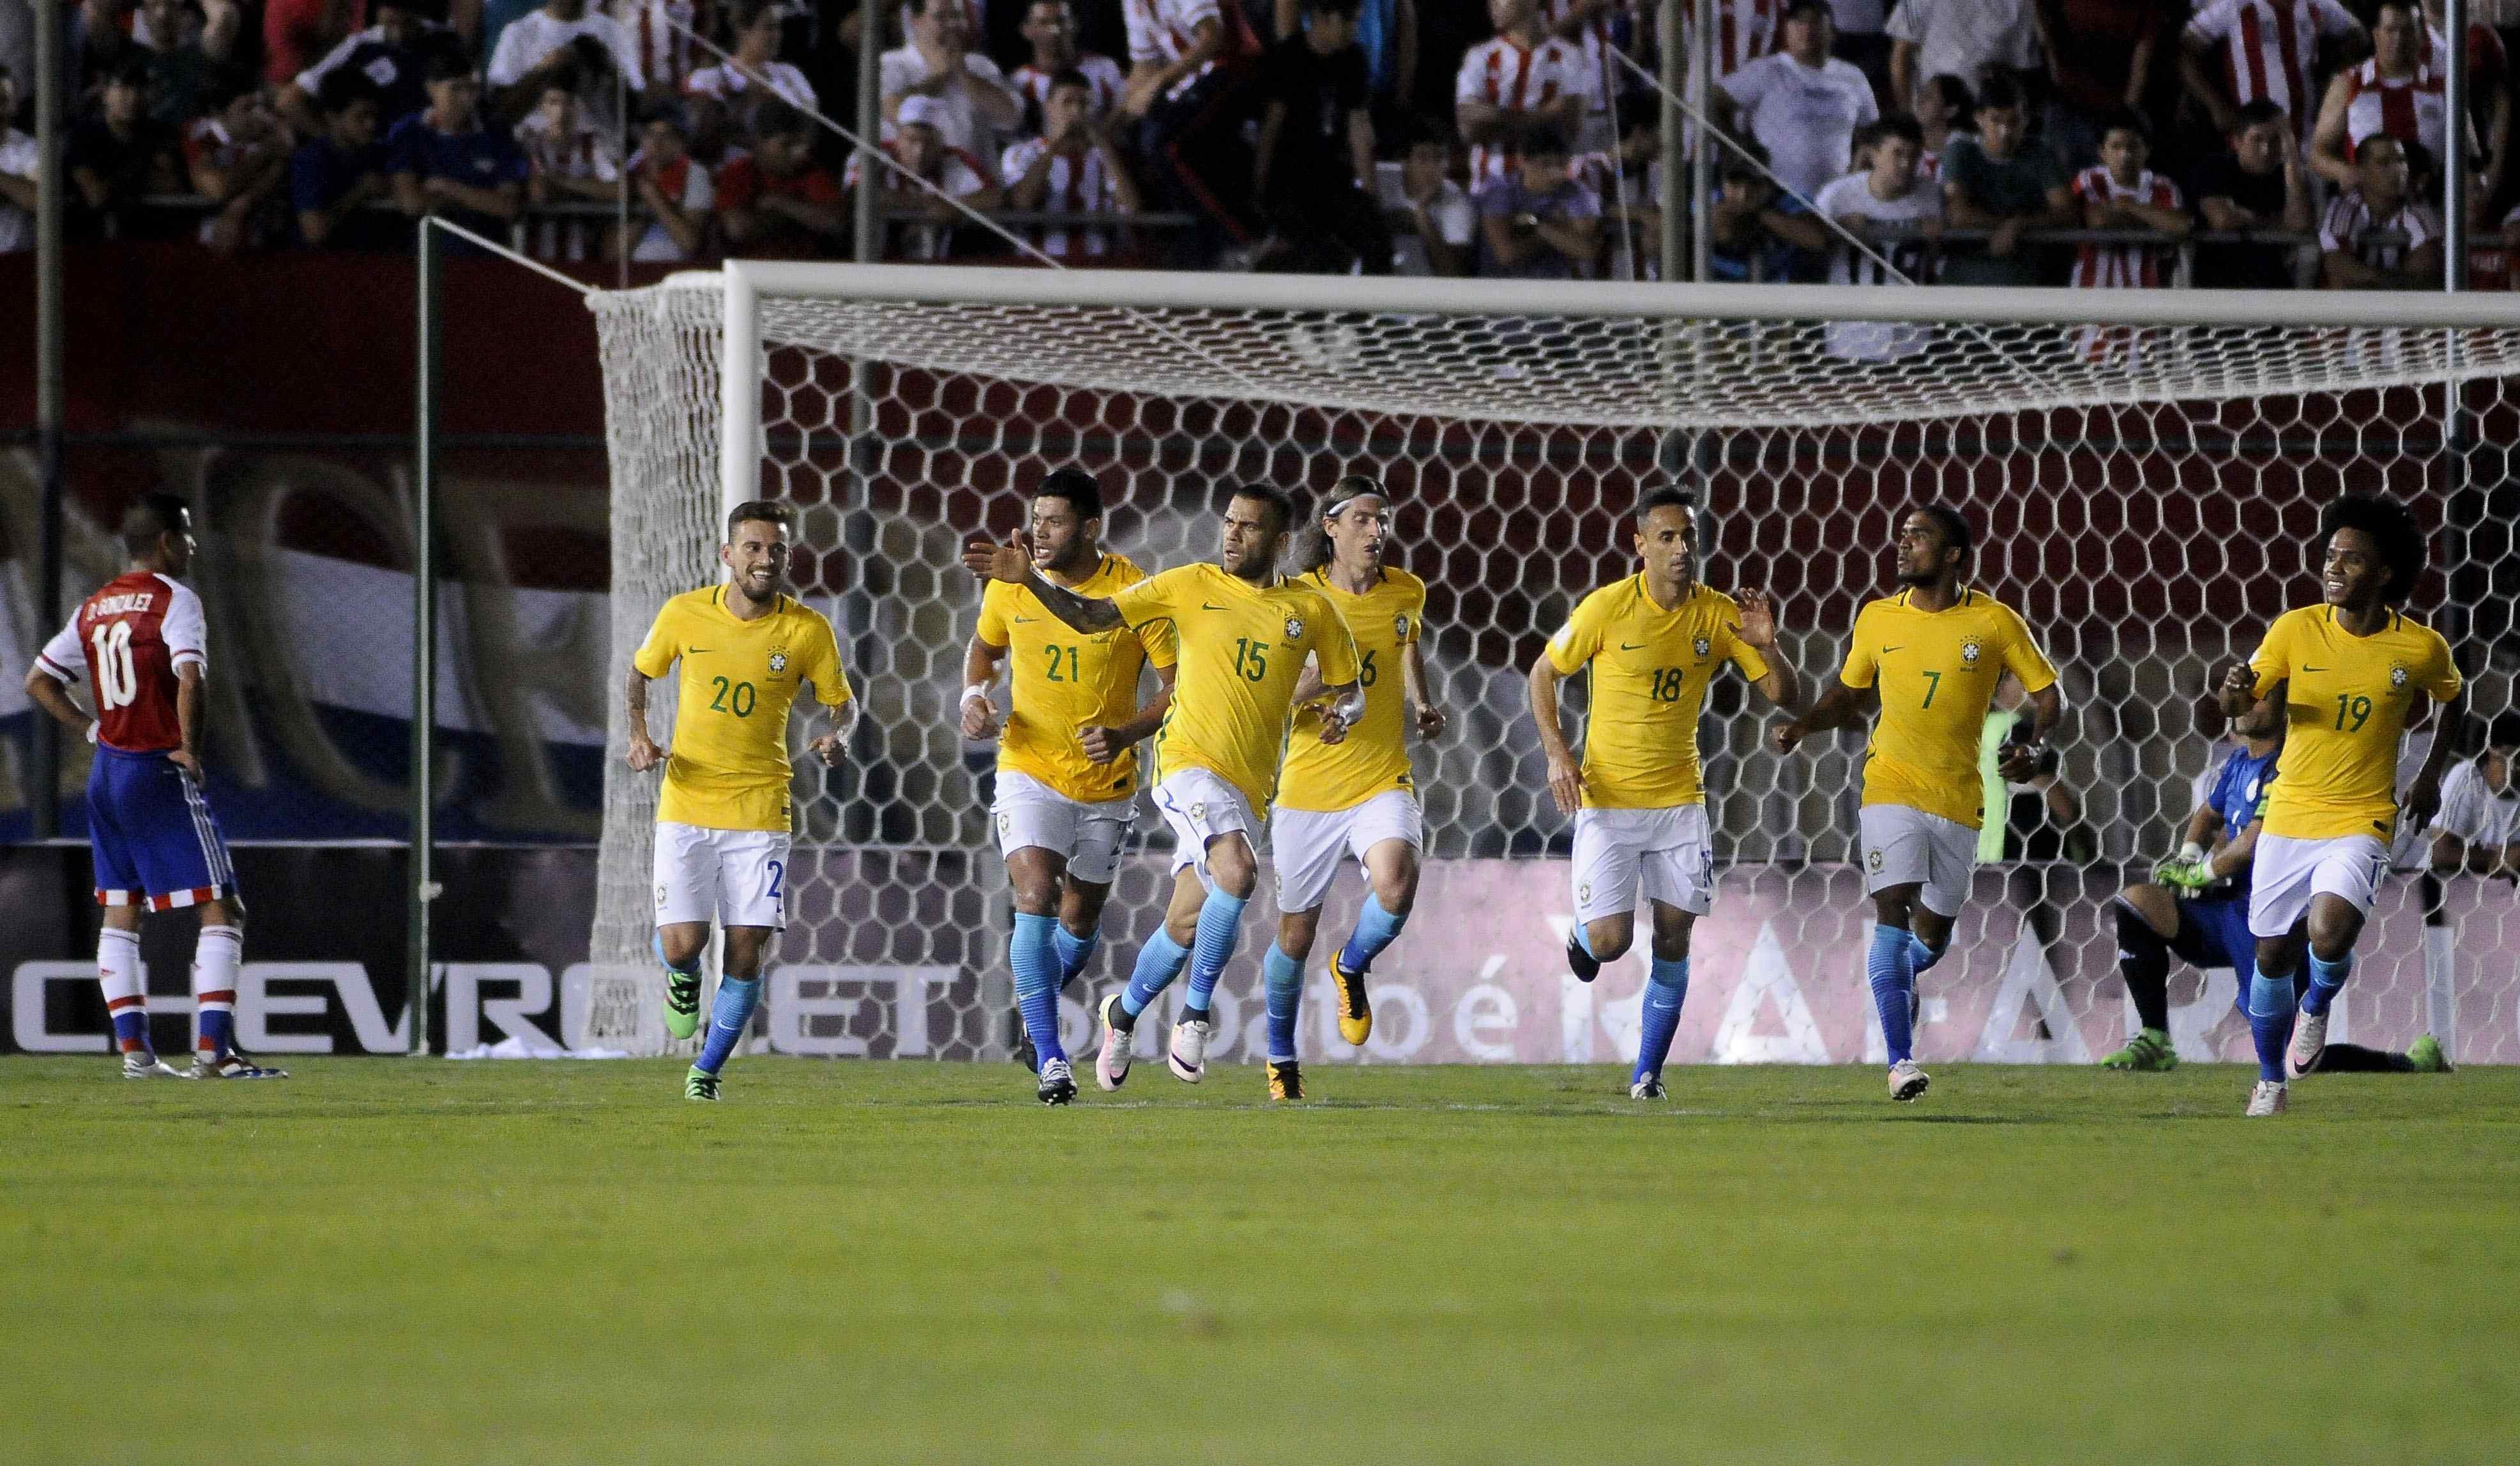 038c2ce4d2 Imprensa paraguaia lamenta empate com sabor de derrota contra o Brasil